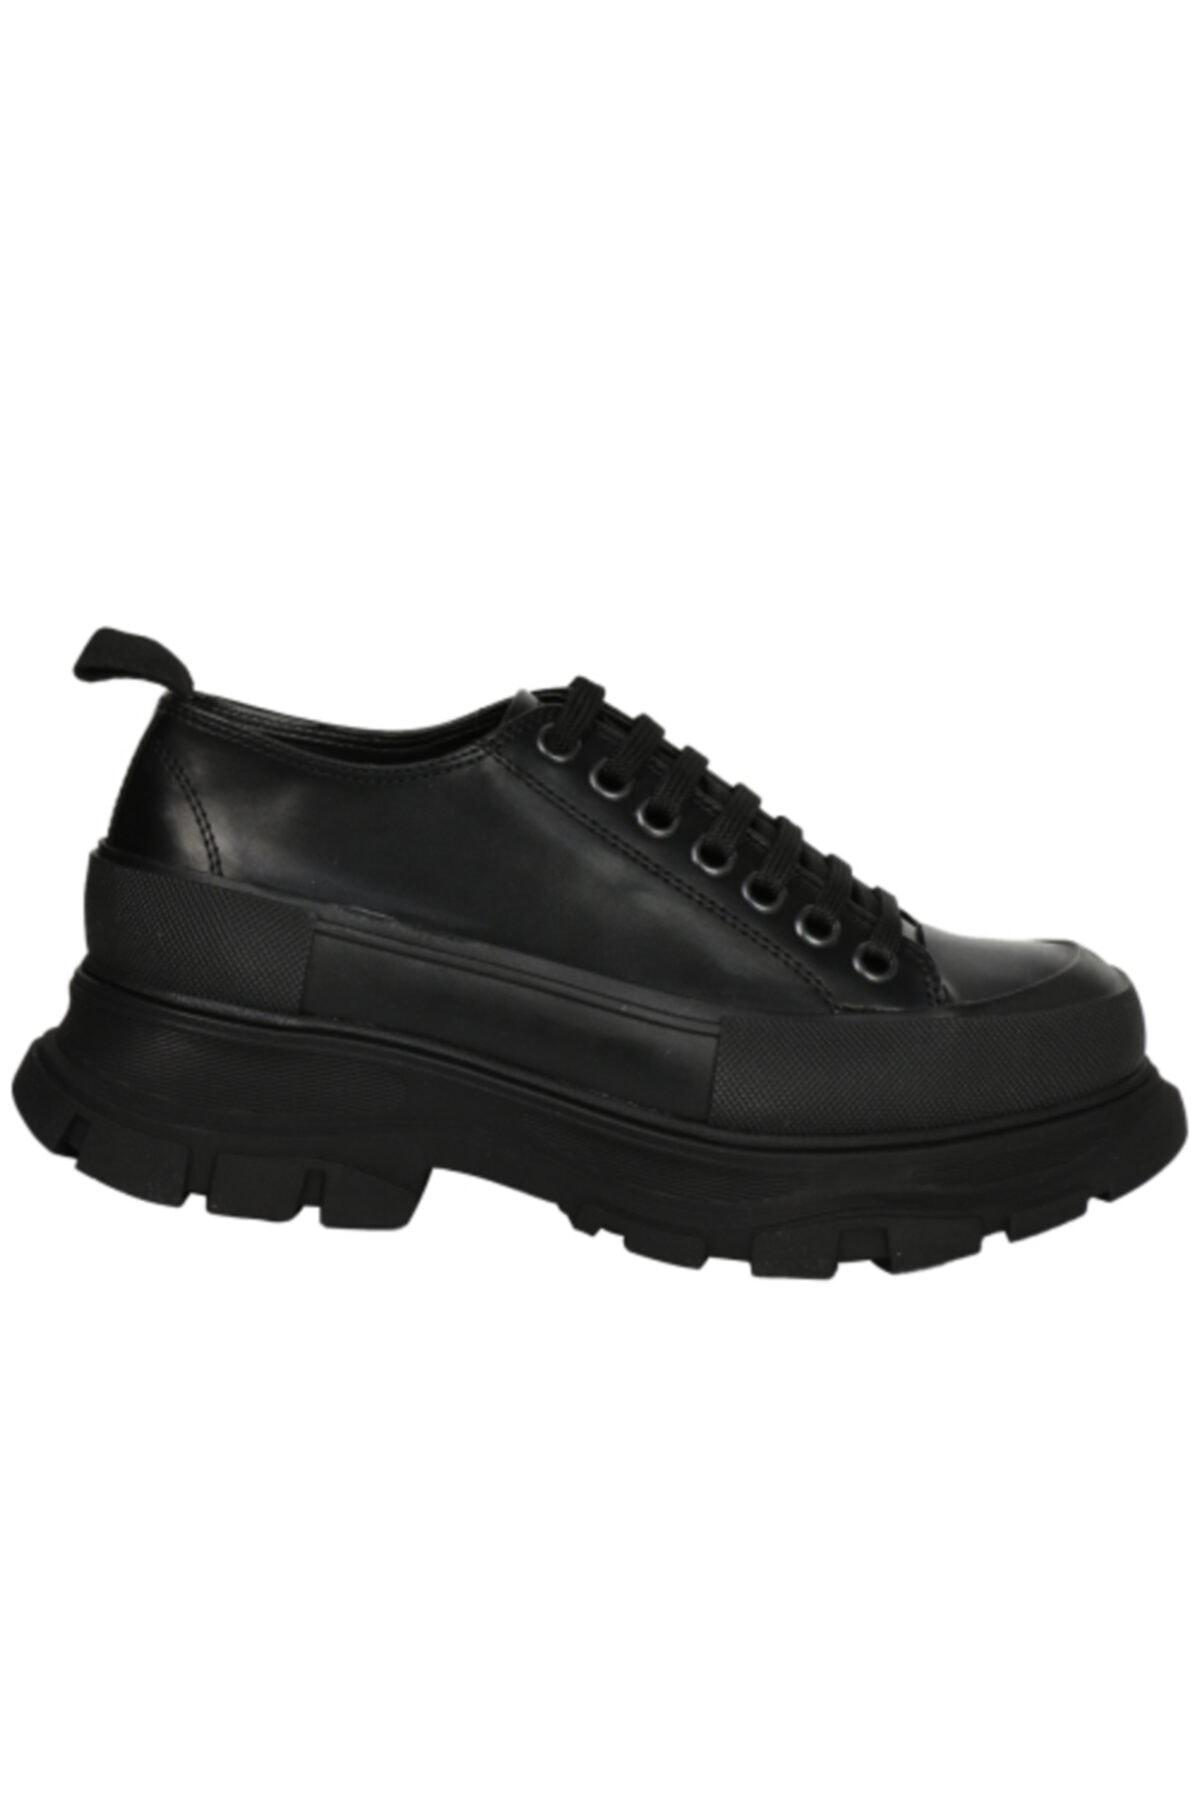 OZ DOROTHY Kadın Siyah Kalın Tabanlı Bağcık Detayı Deri Ayakkabı